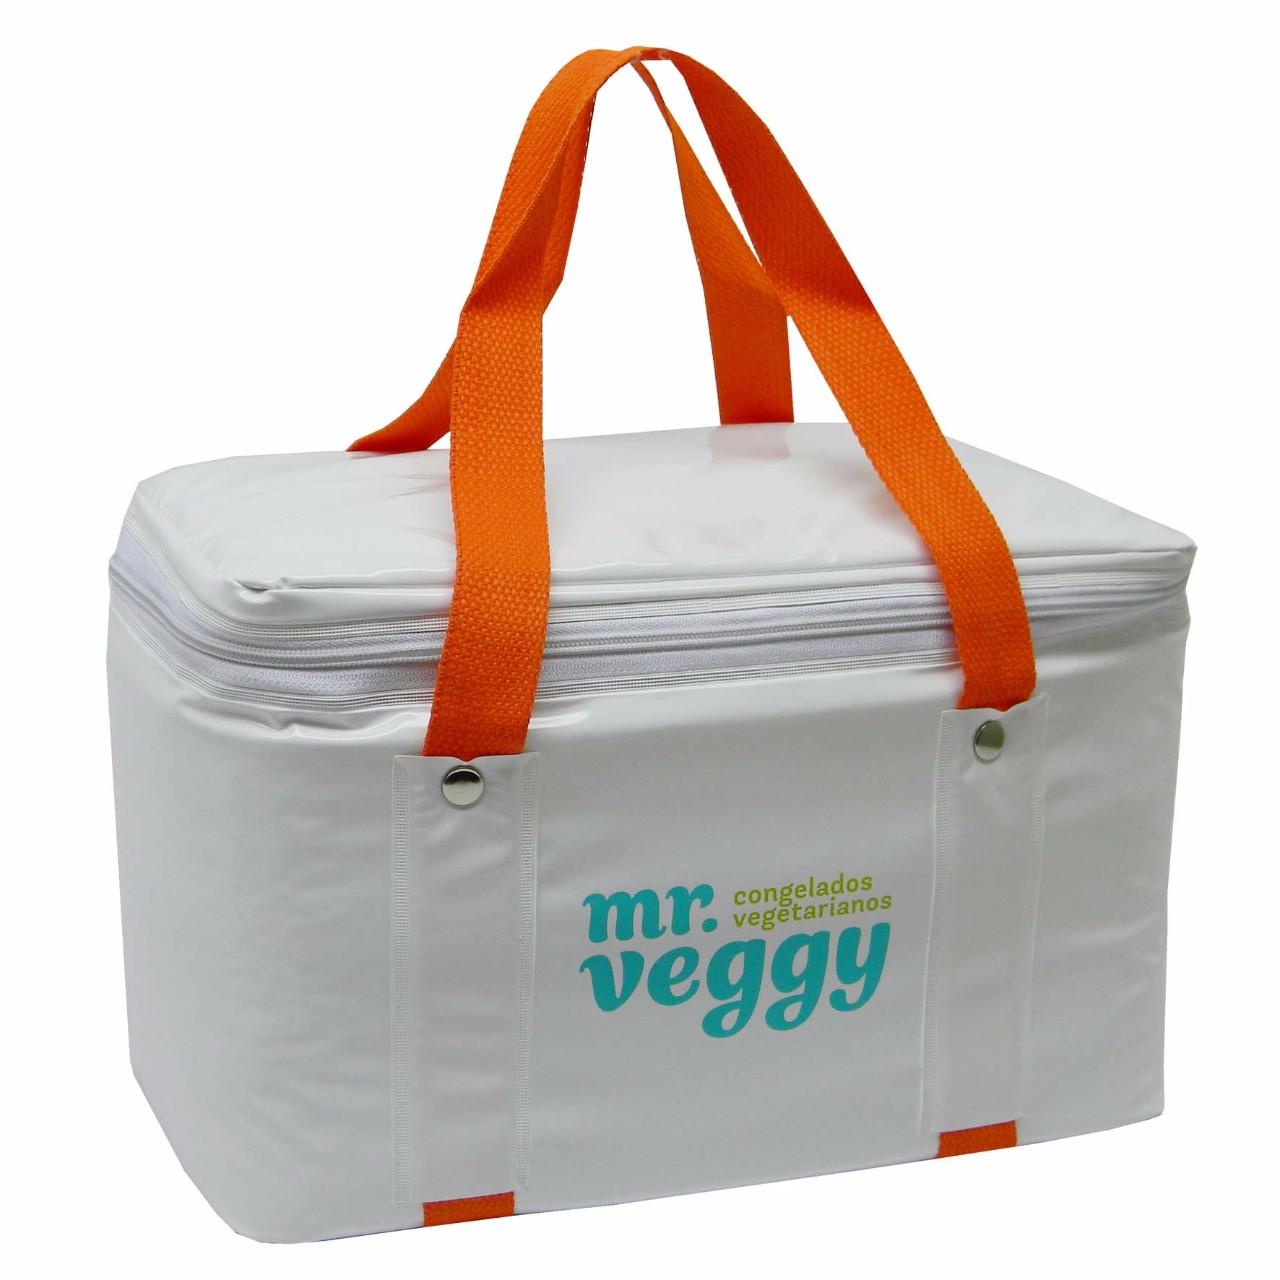 02ff1a571 Bolsa térmica 12 litros PVC - Personalizada